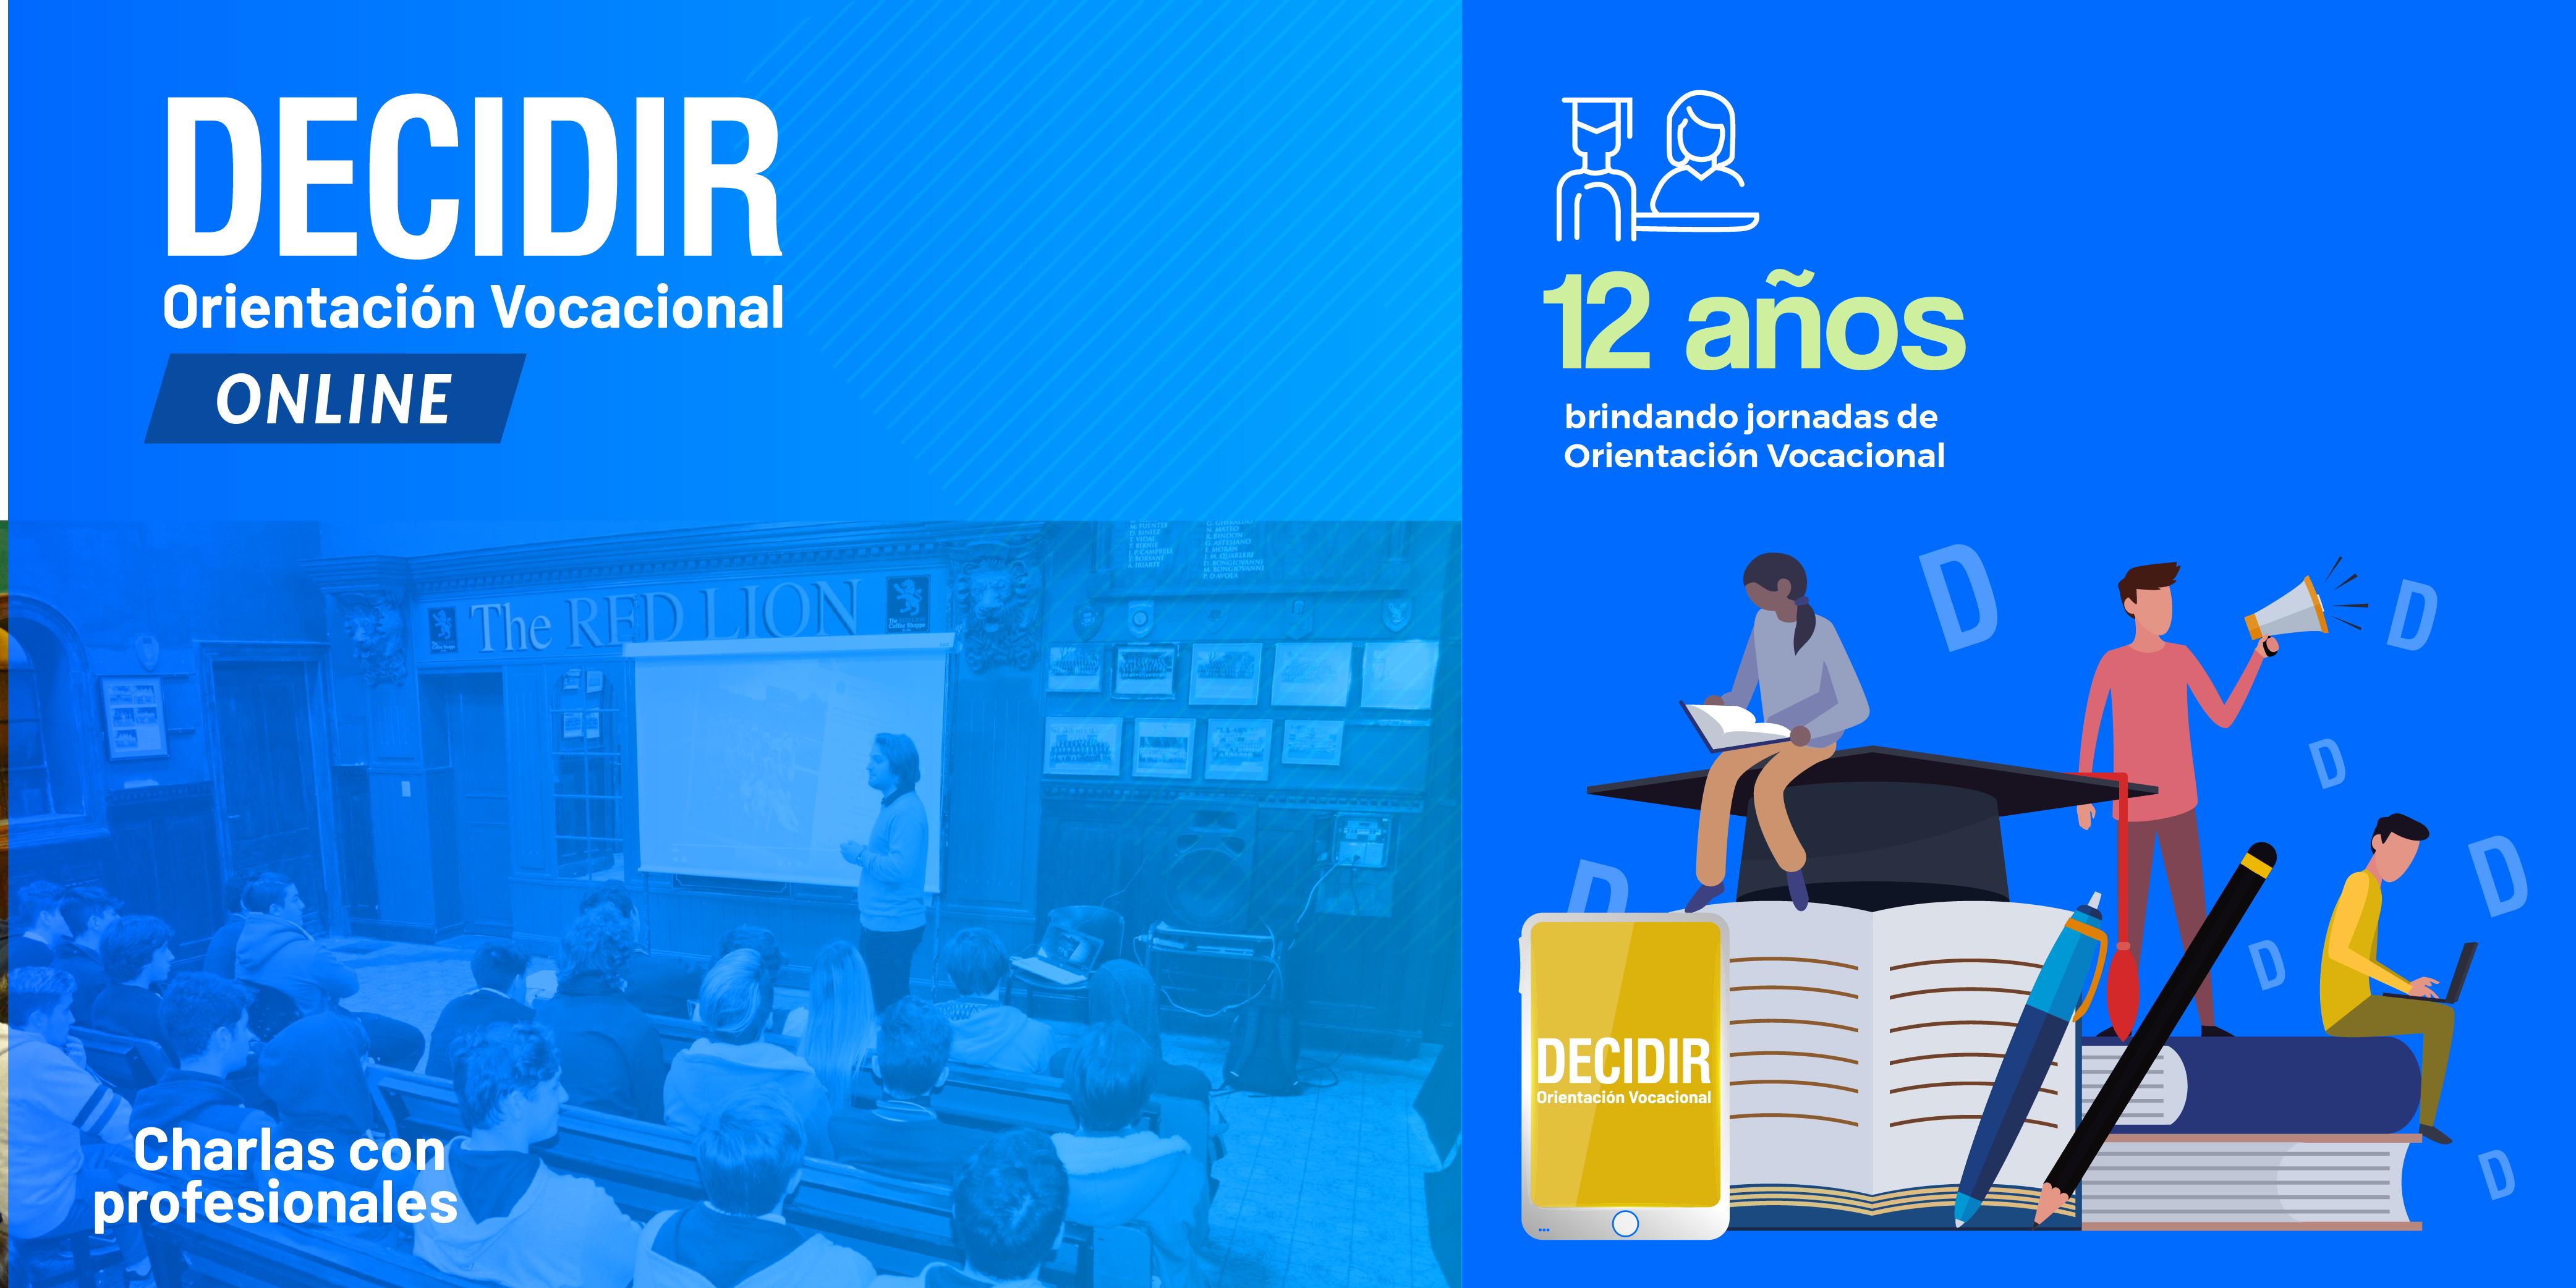 Decidir online: próximas fechas de las jornadas de orientación vocacional